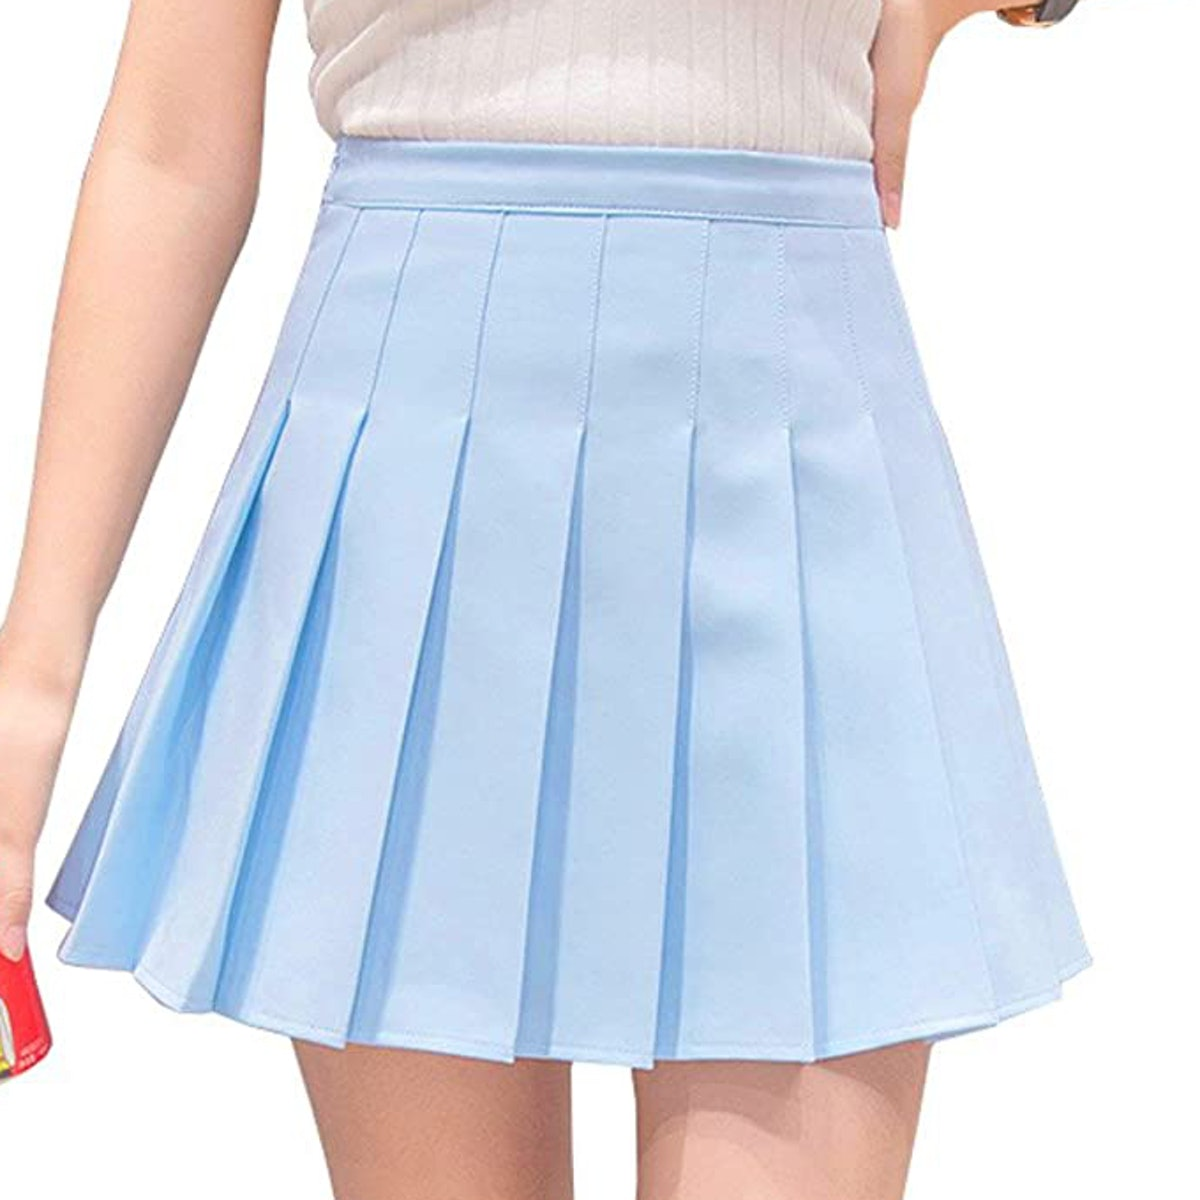 Hoerev High-Waist Pleated Tennis Skirt